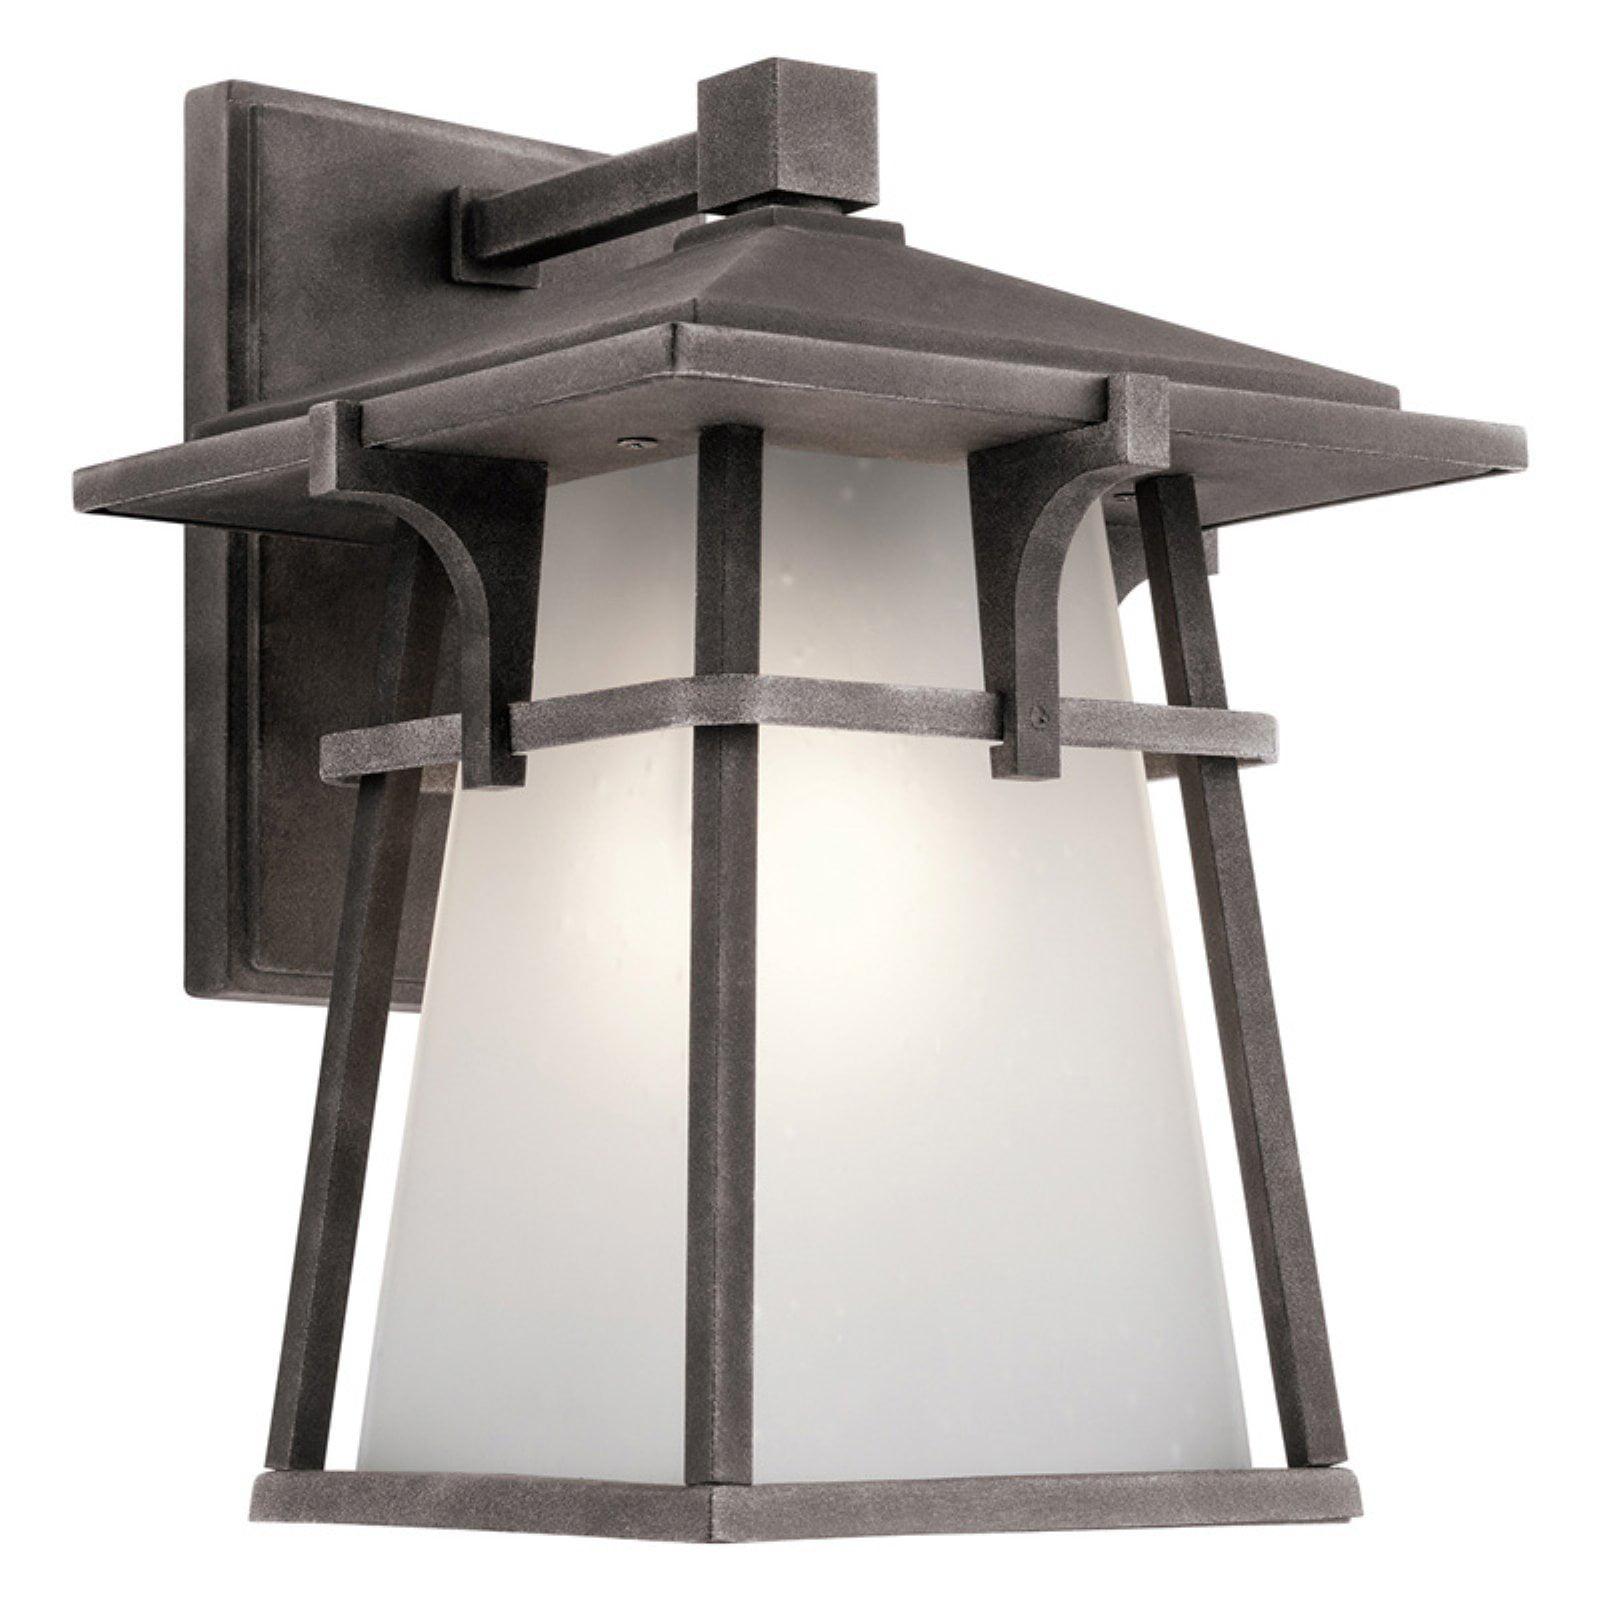 Kichler Beckett 49721 Outdoor Wall Light